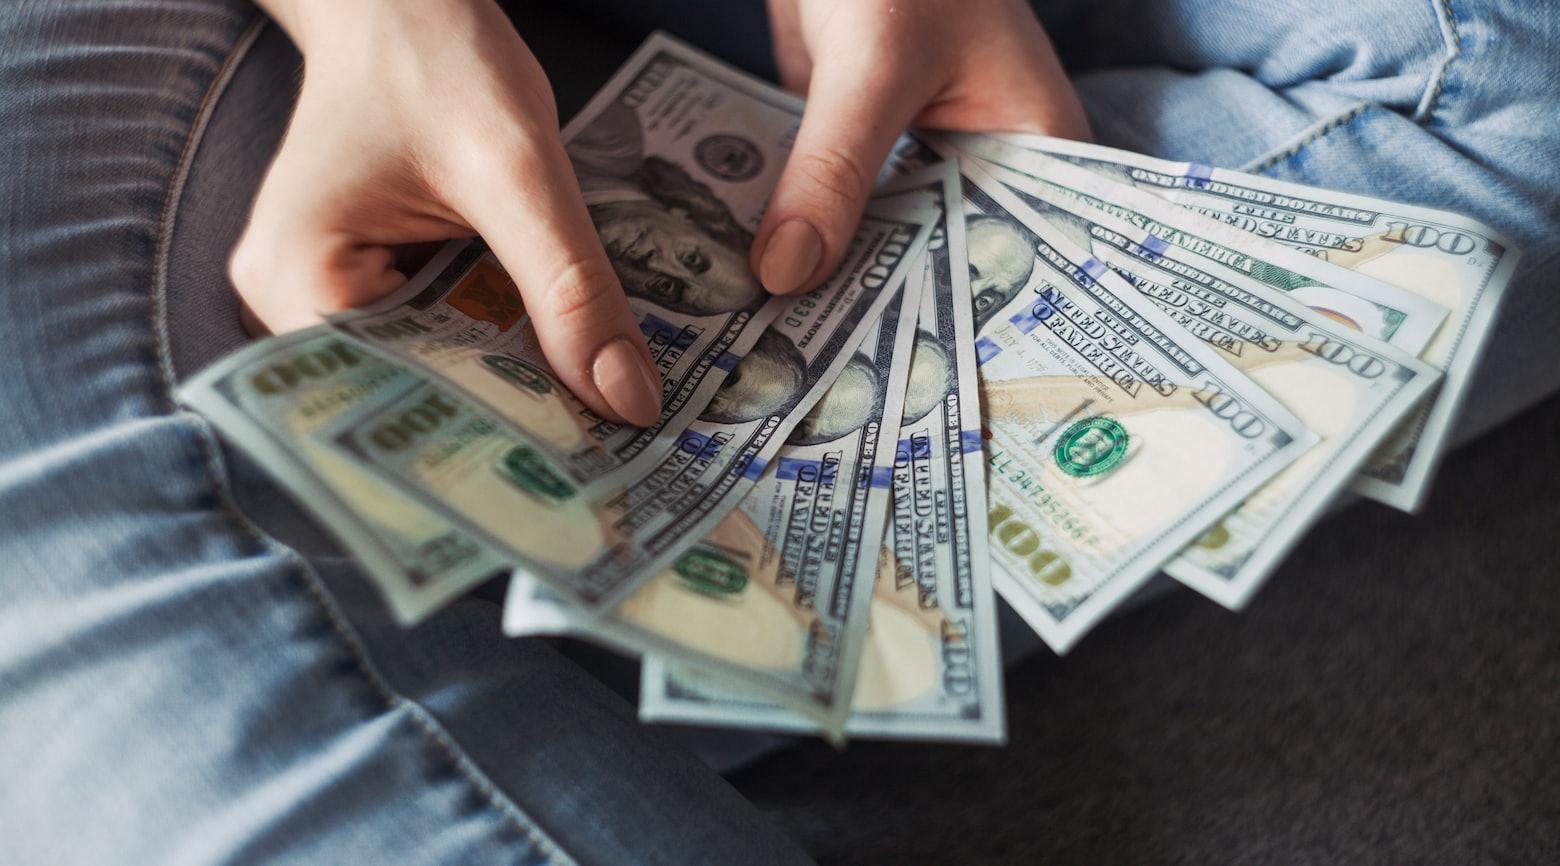 年収500万は一般的な収入